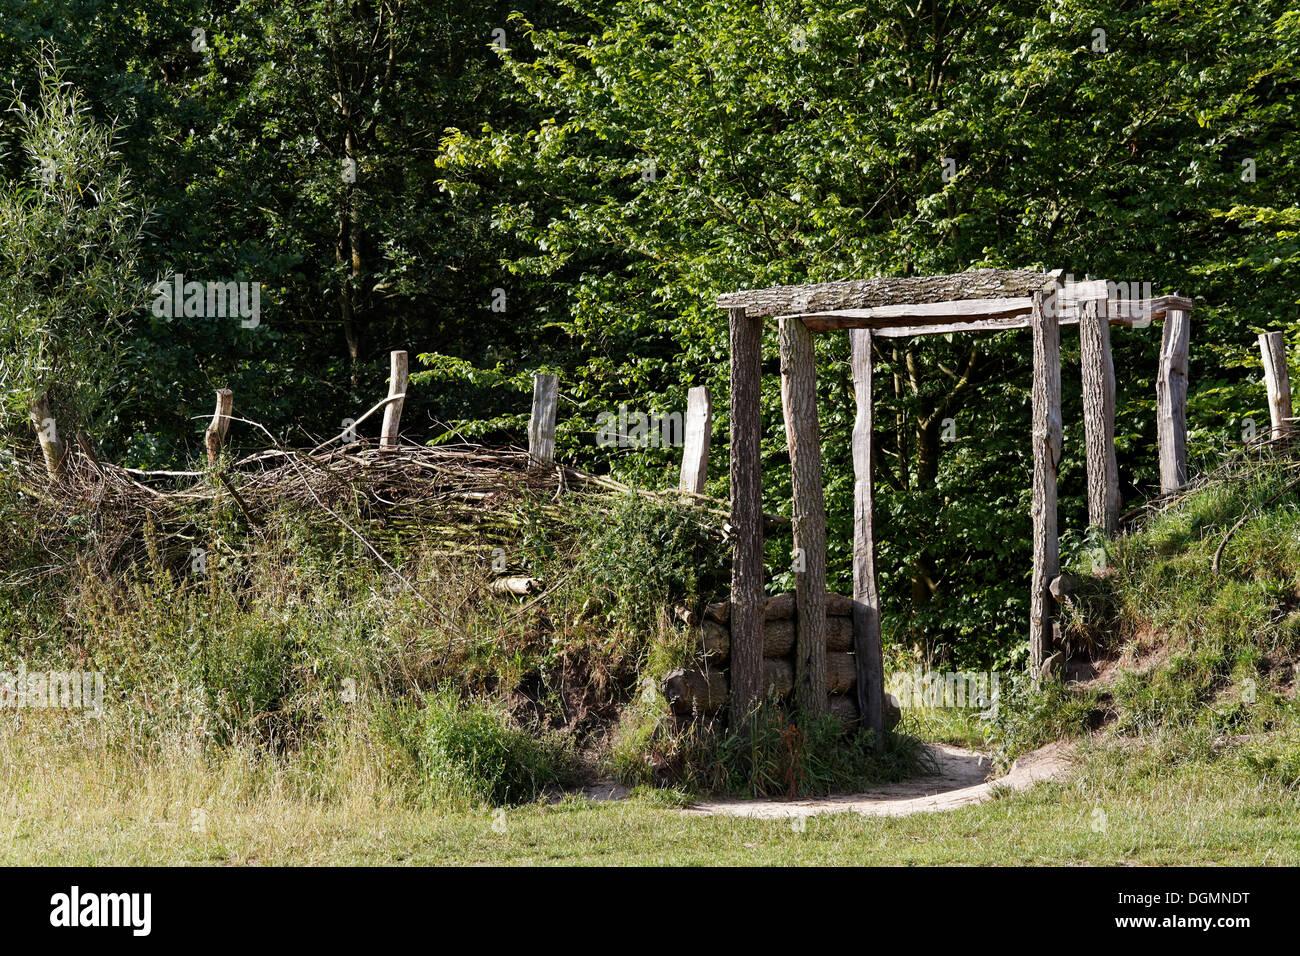 Wehrmauer der deutschen, Reproduktion, Varusschlacht oder Schlacht der Varusschlacht, Kalkriese Museum und Park Stockbild